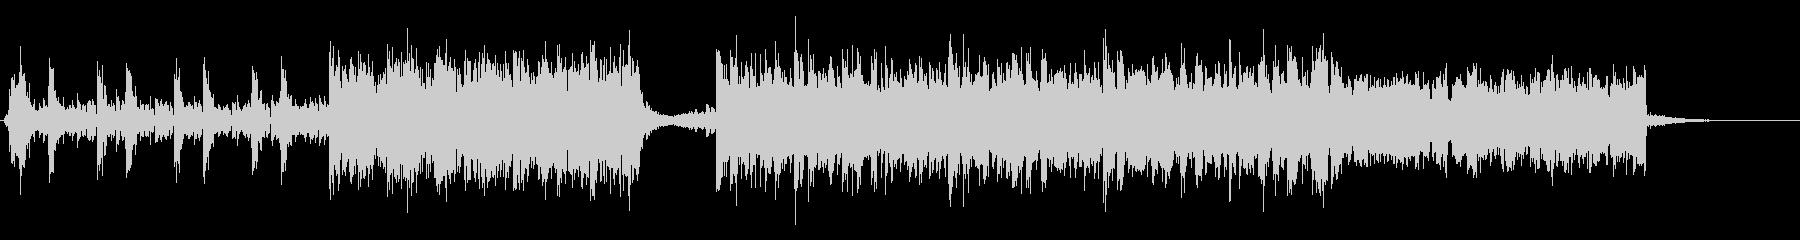 劇伴ロック オーケストラ 60秒バンド版の未再生の波形